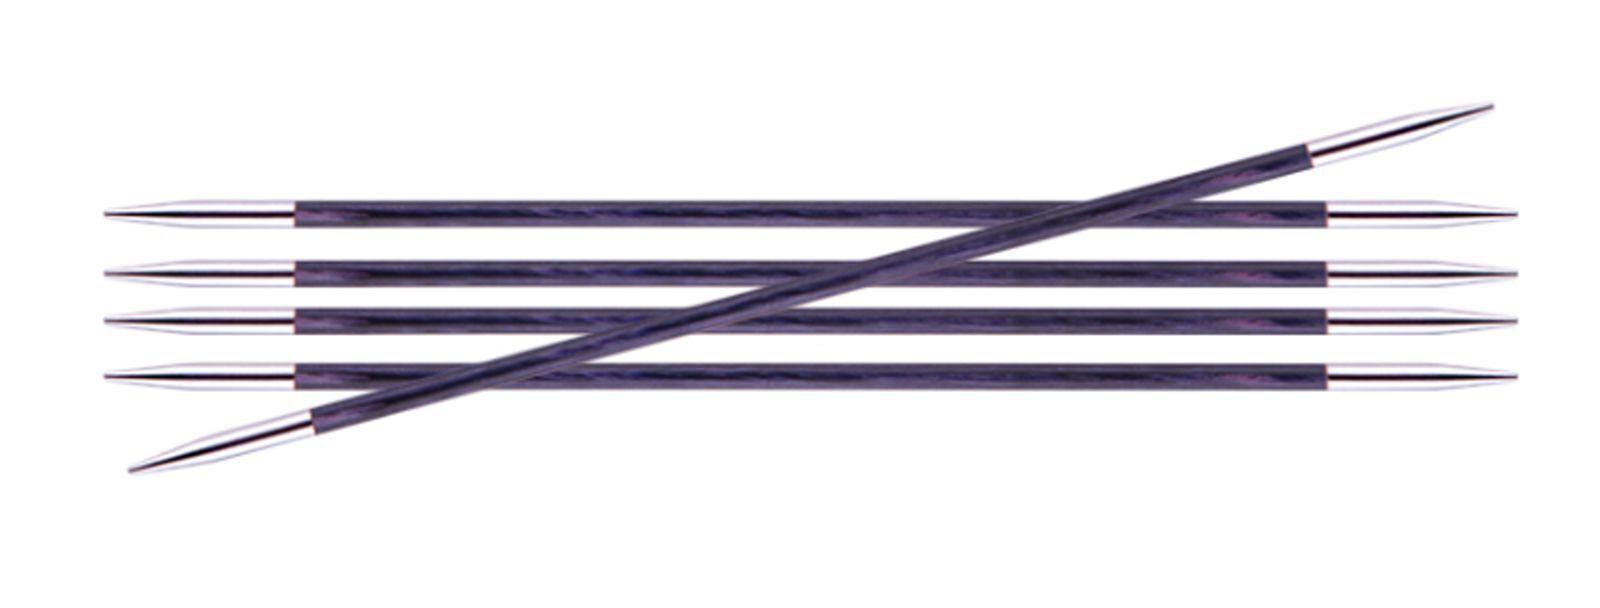 KnitPro KnitPro KnitPro ROYALE JEU DE L'aiguille aiguilles pour tricoter des chaussettes couleur 5690fd